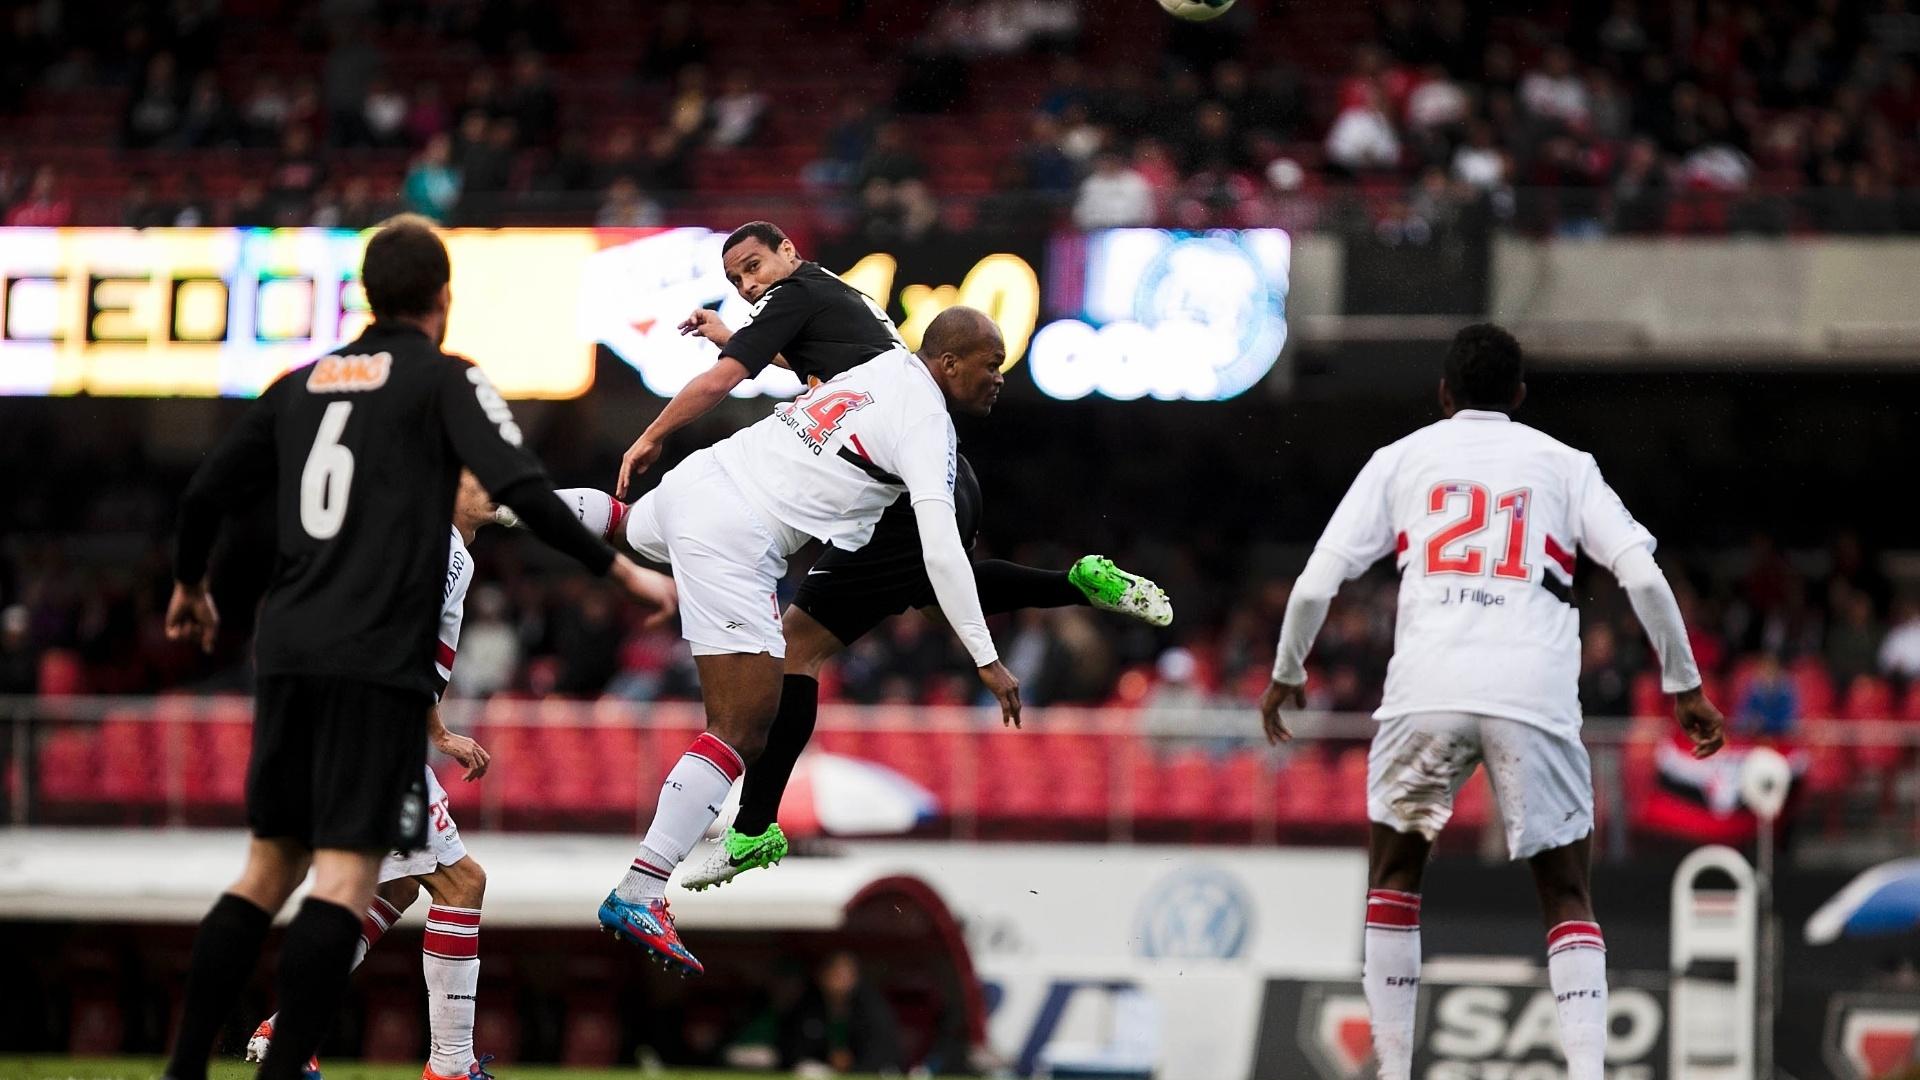 Edson Silva e Émerson disputam bola aérea na partida entre São Paulo e Coritiba no Morumbi